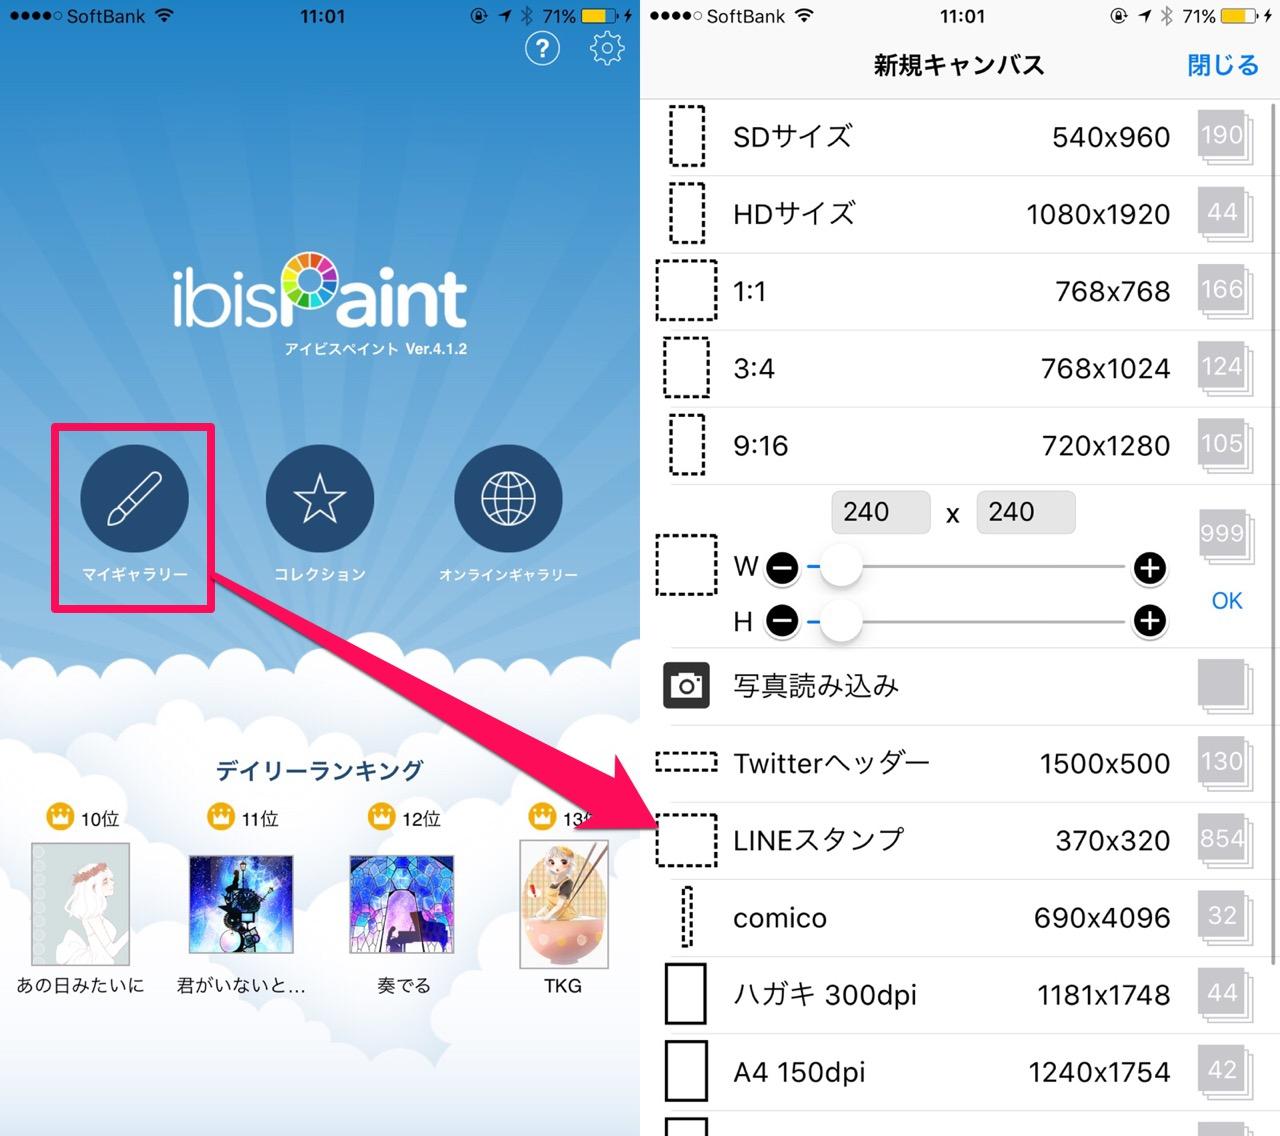 無料おえかきアプリアイビスペイントを使ってLINEスタンプ作成